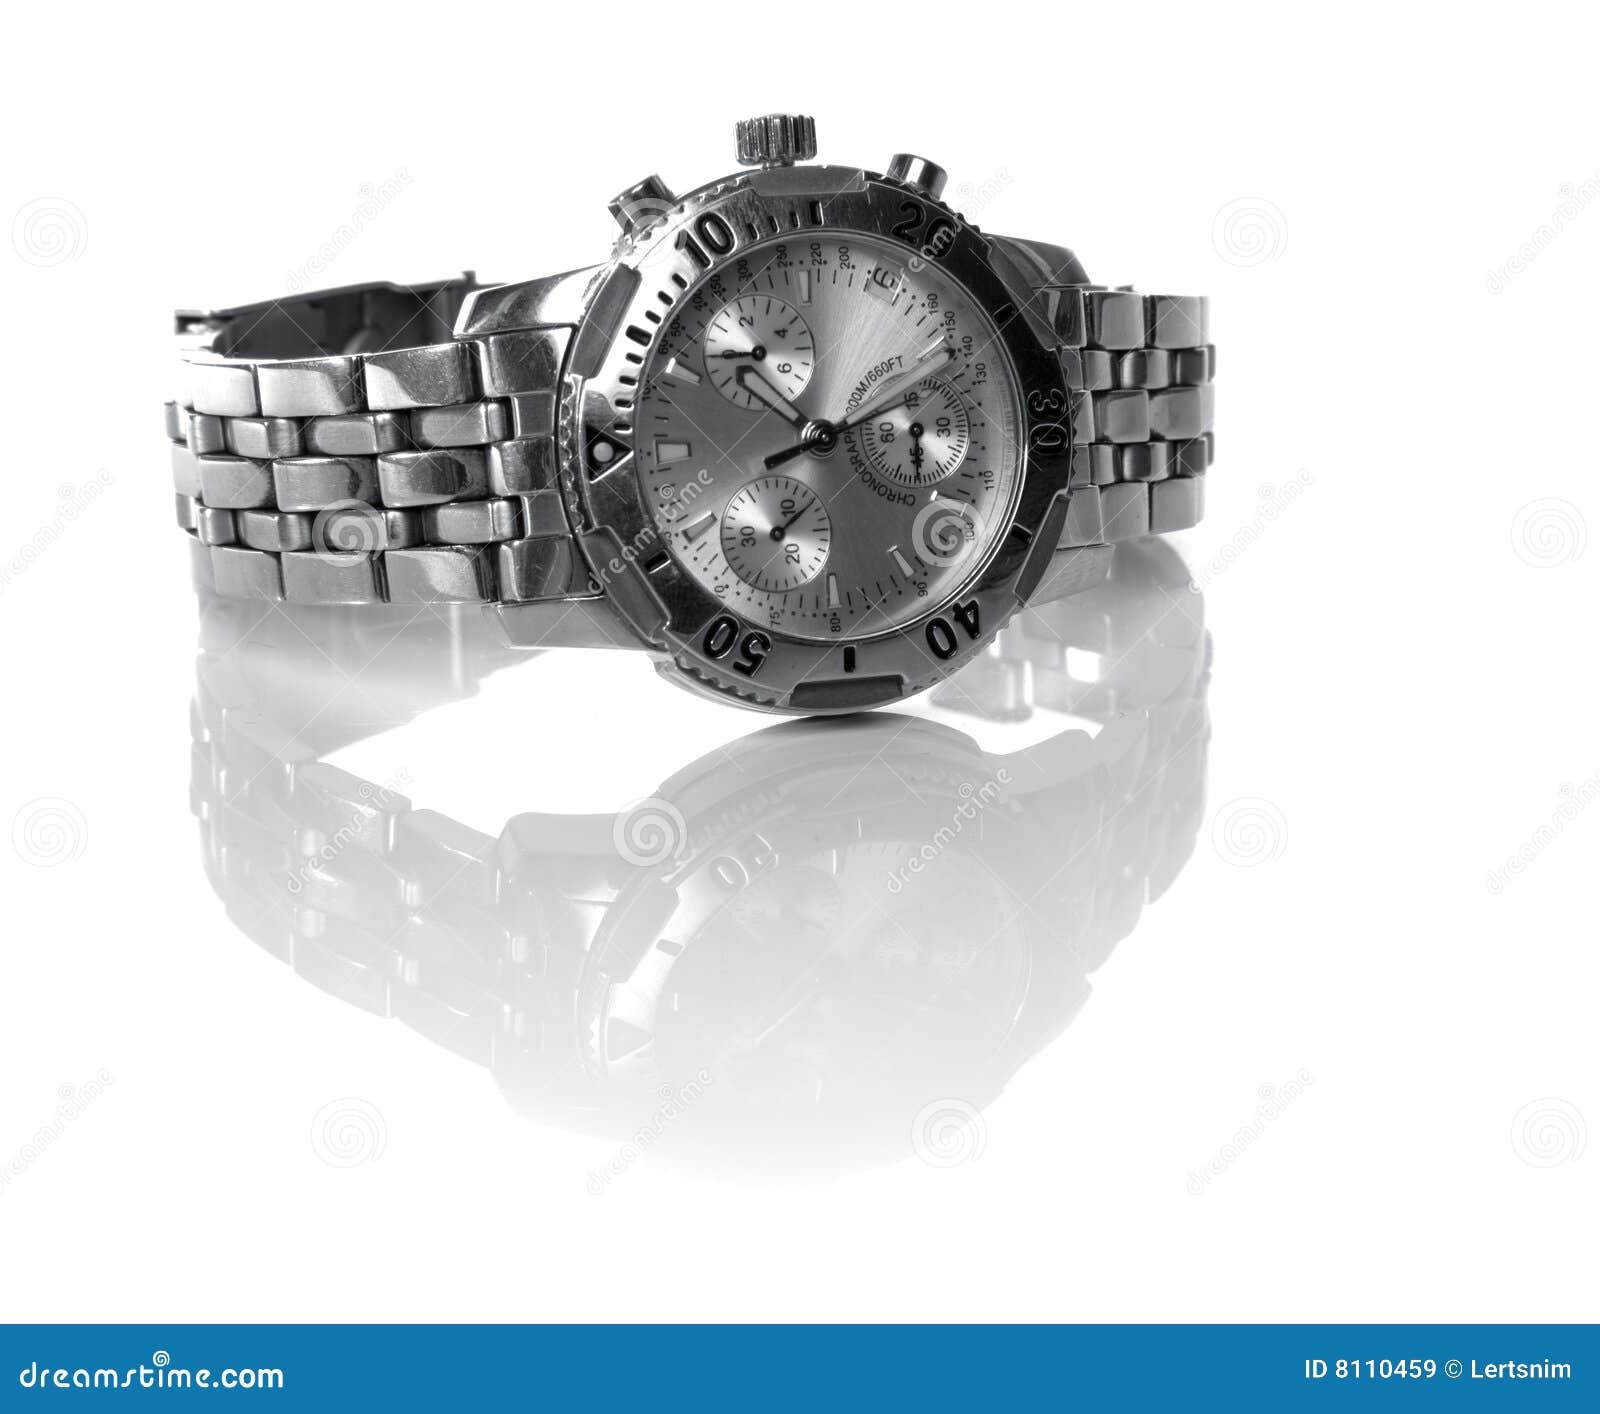 Gebruikt zilveren horloge dat over een witte backgtound wordt ...: nl.dreamstime.com/royalty-vrije-stock-afbeeldingen-gebruikt...